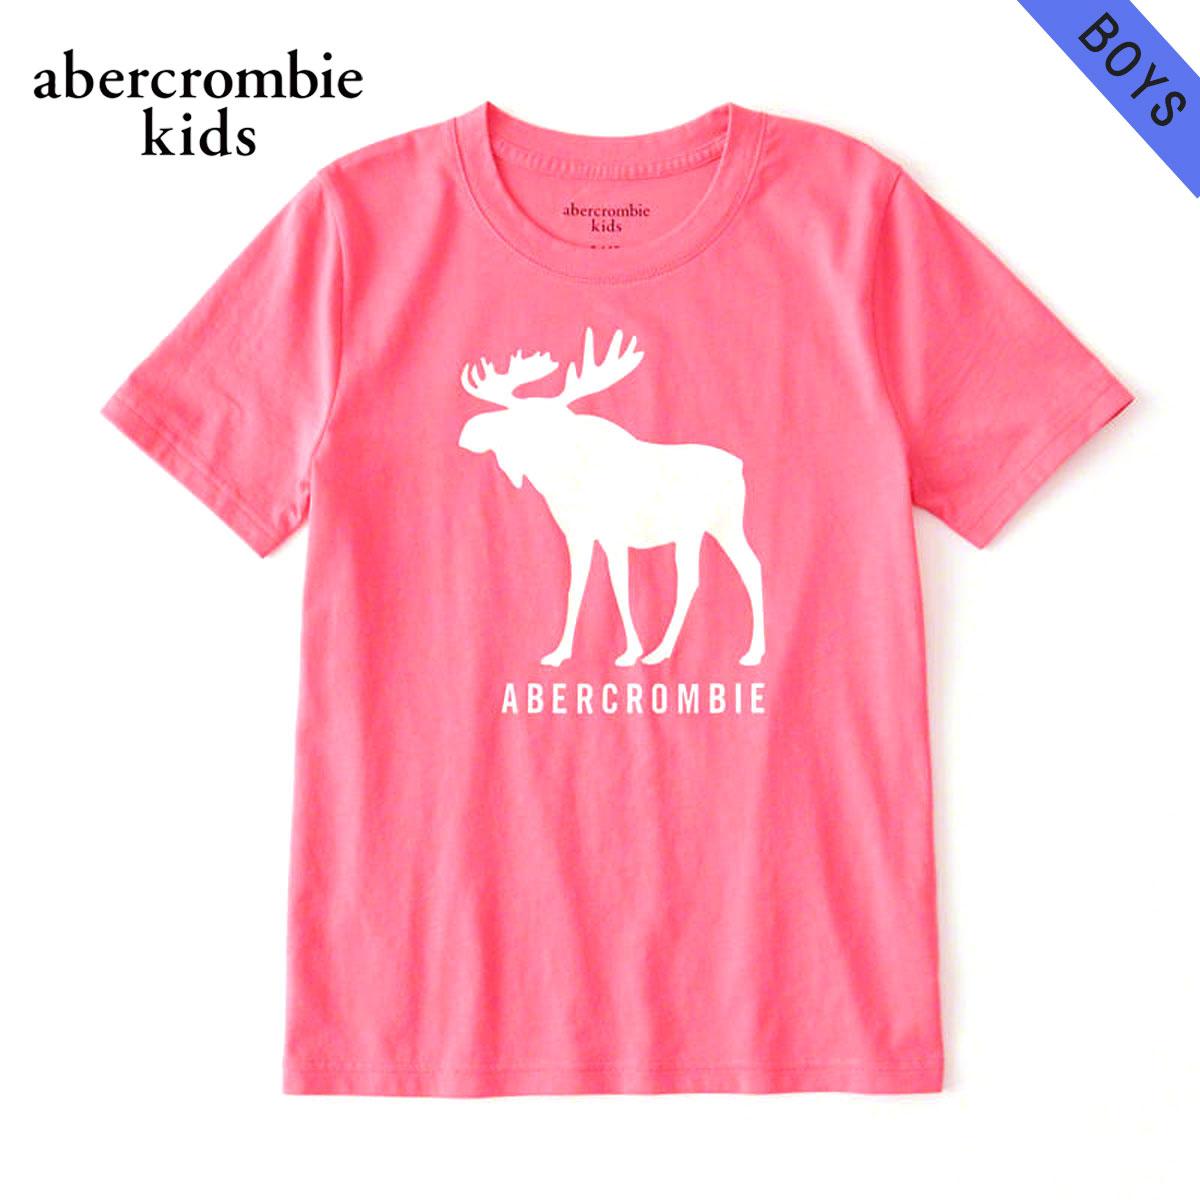 アバクロキッズ AbercrombieKids 正規品 子供服 ボーイズ 半袖Tシャツ color-changing graphic tee 257-891-0103-060